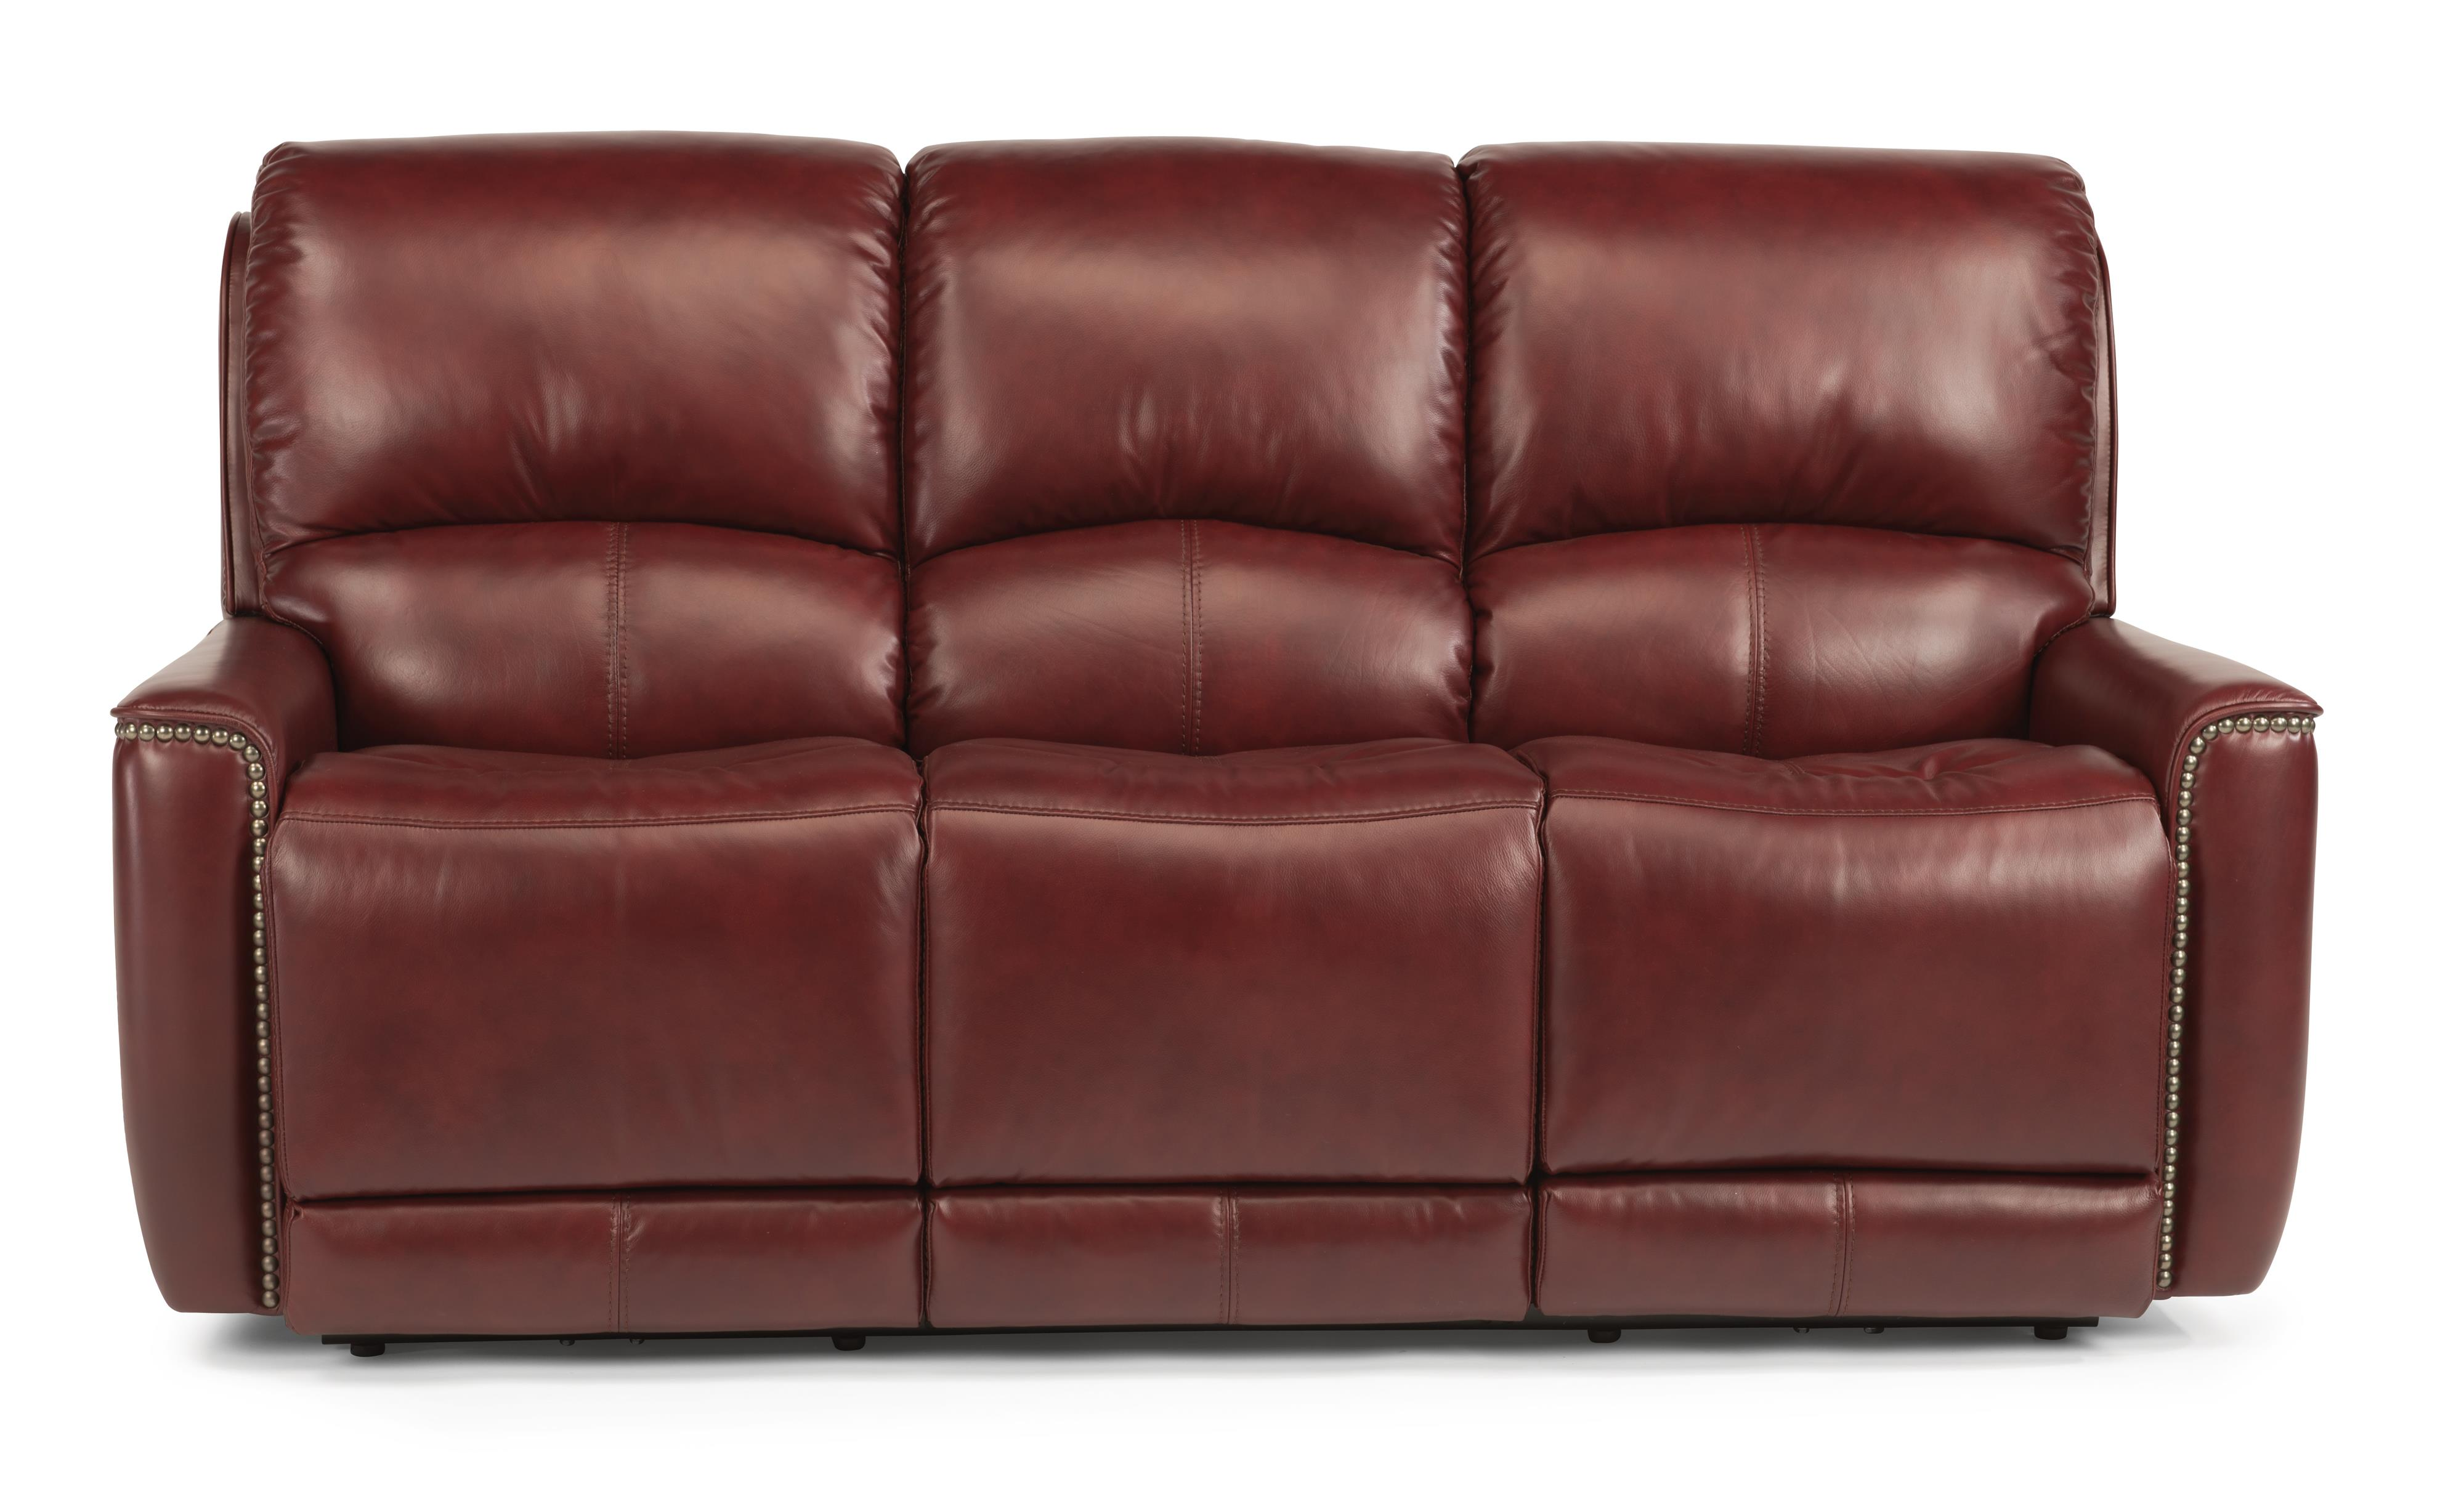 Flexsteel Latitudes-Pierson Reclining Sofa - Item Number: 1679-62P-660-60